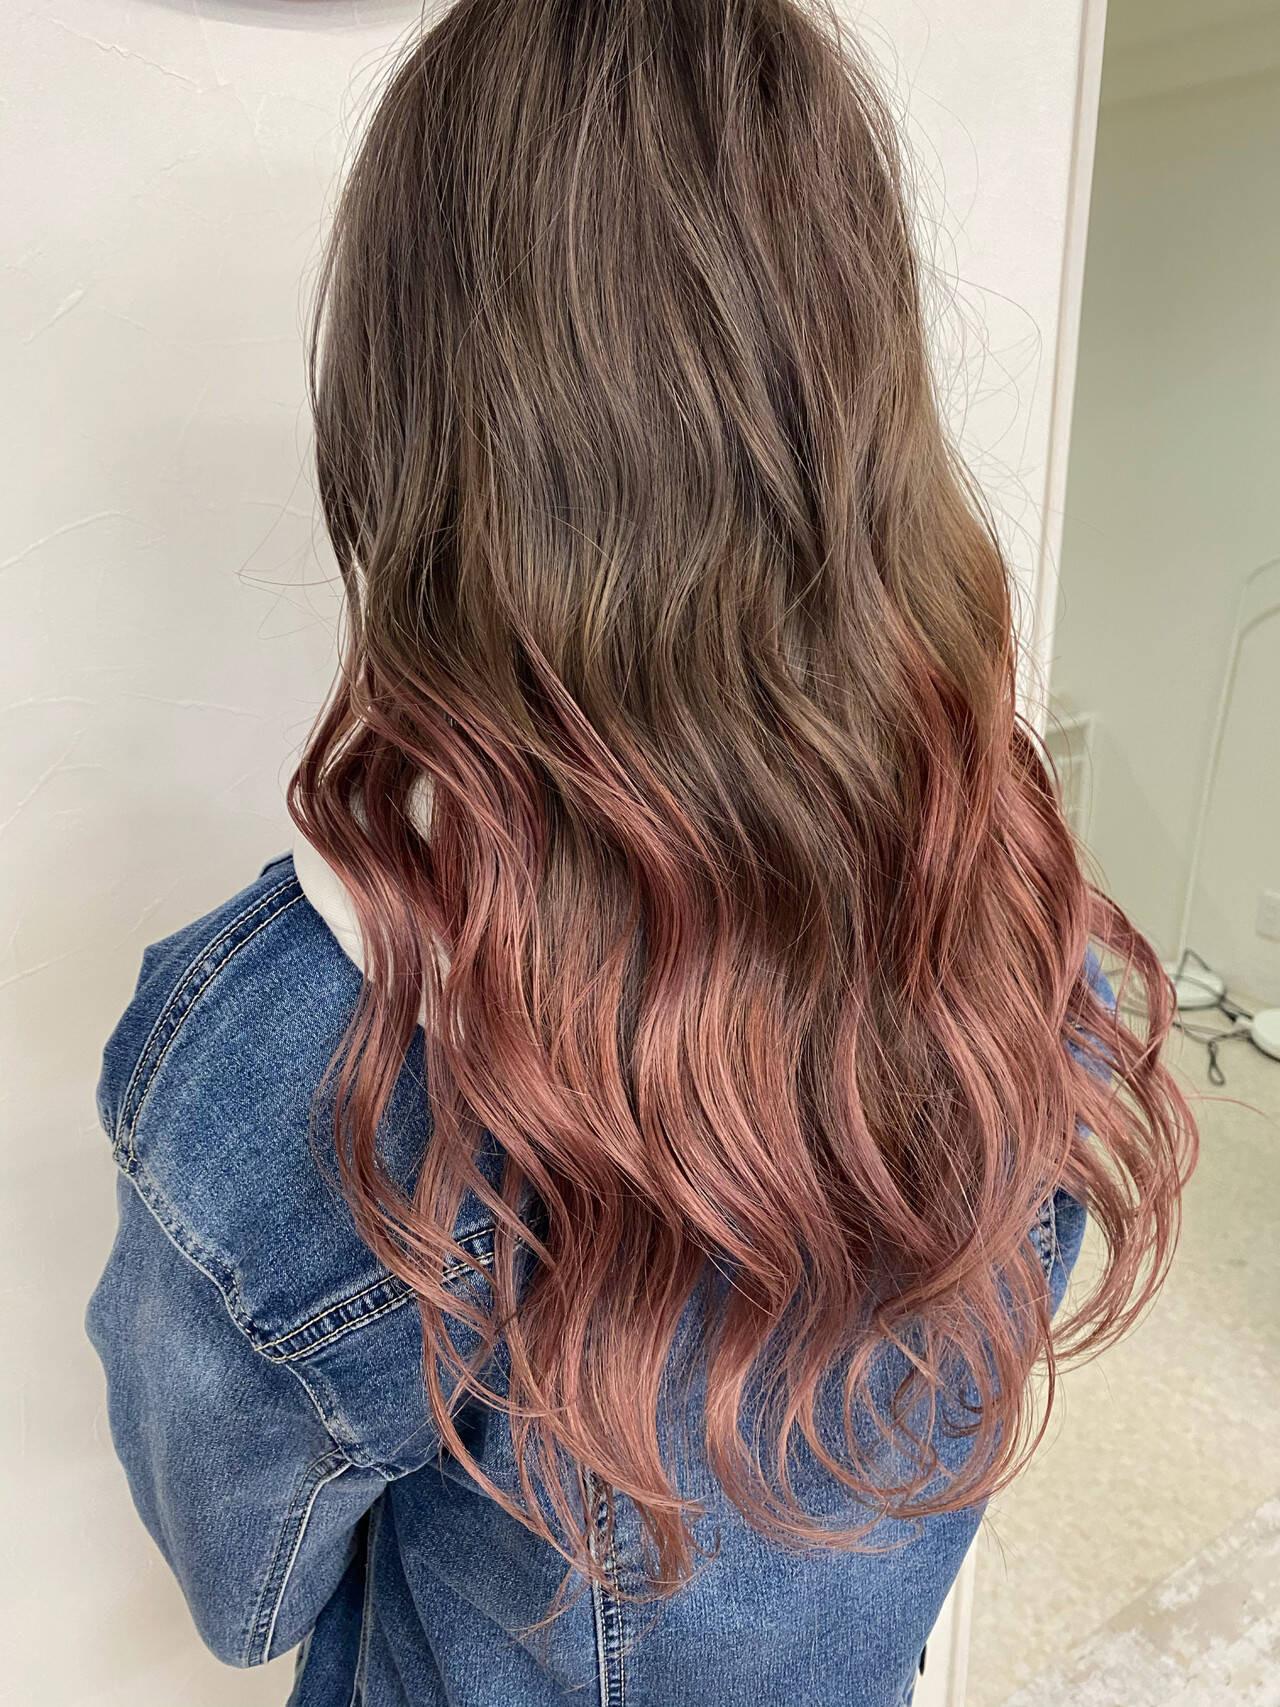 グラデーションカラーなら境目が目立たない 時松 紘希  Hair&esthetic Link